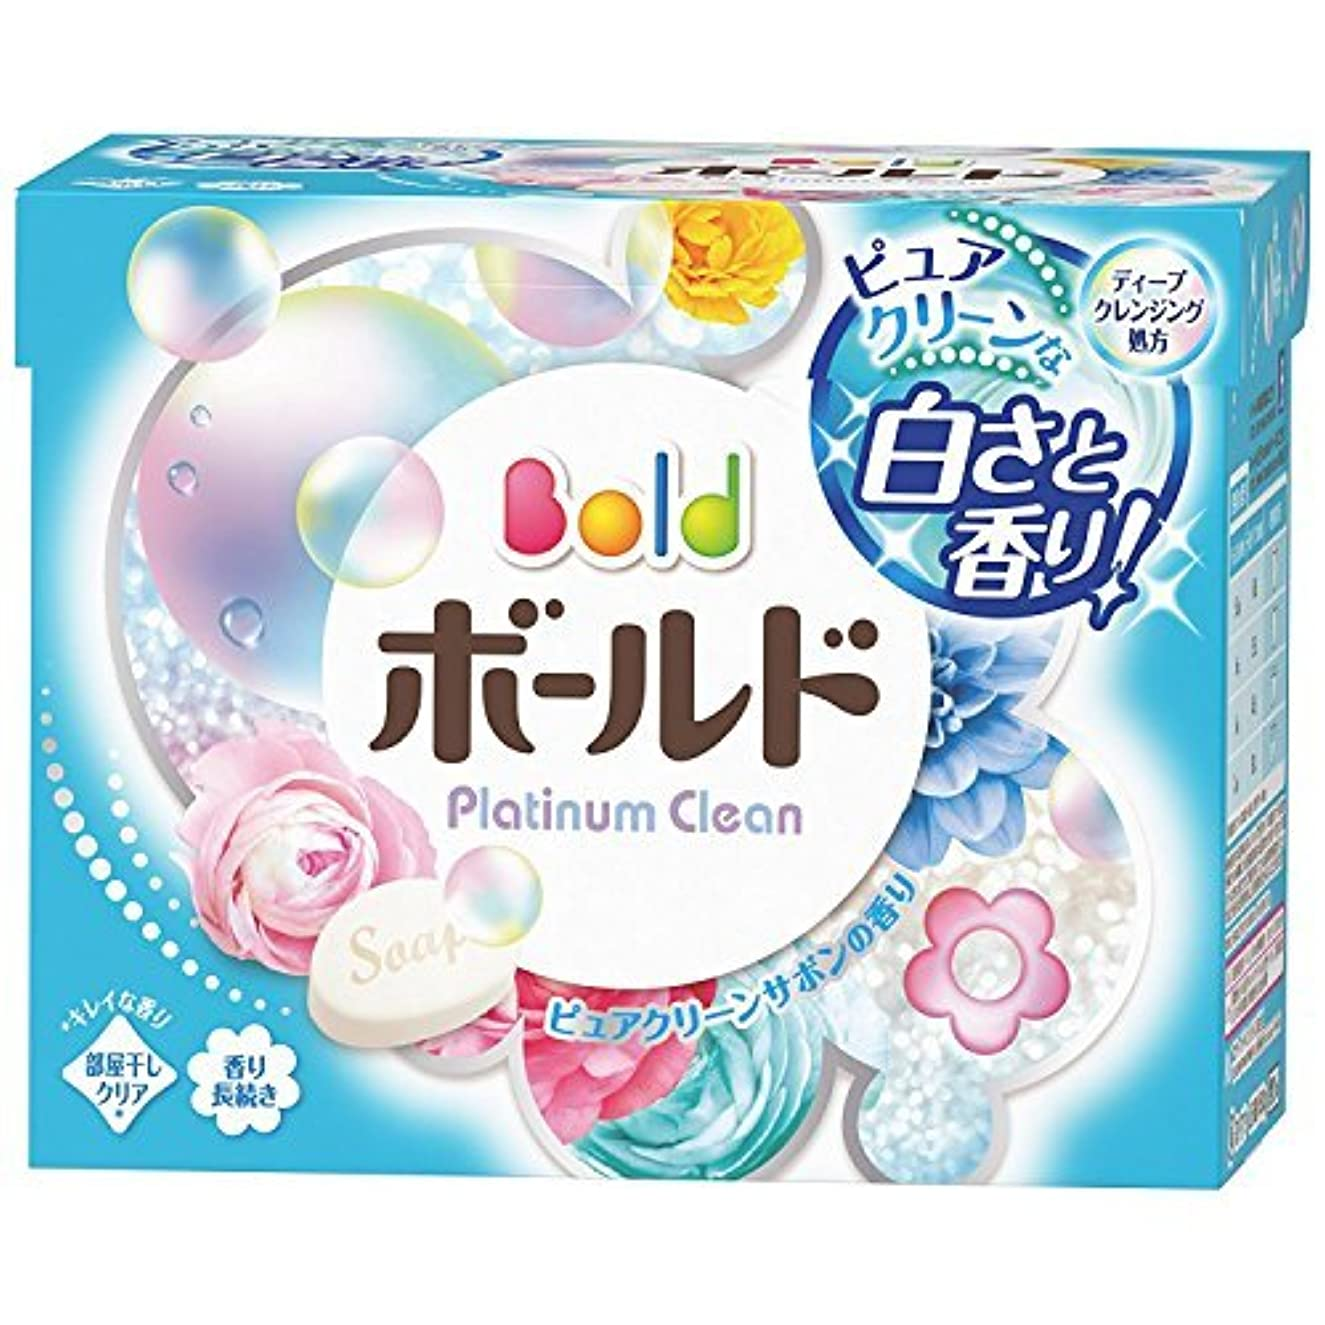 疑い者爵クーポン【P&G】ボールド プラチナクリーン 香りのサプリイン 粉末 850g ×5個セット